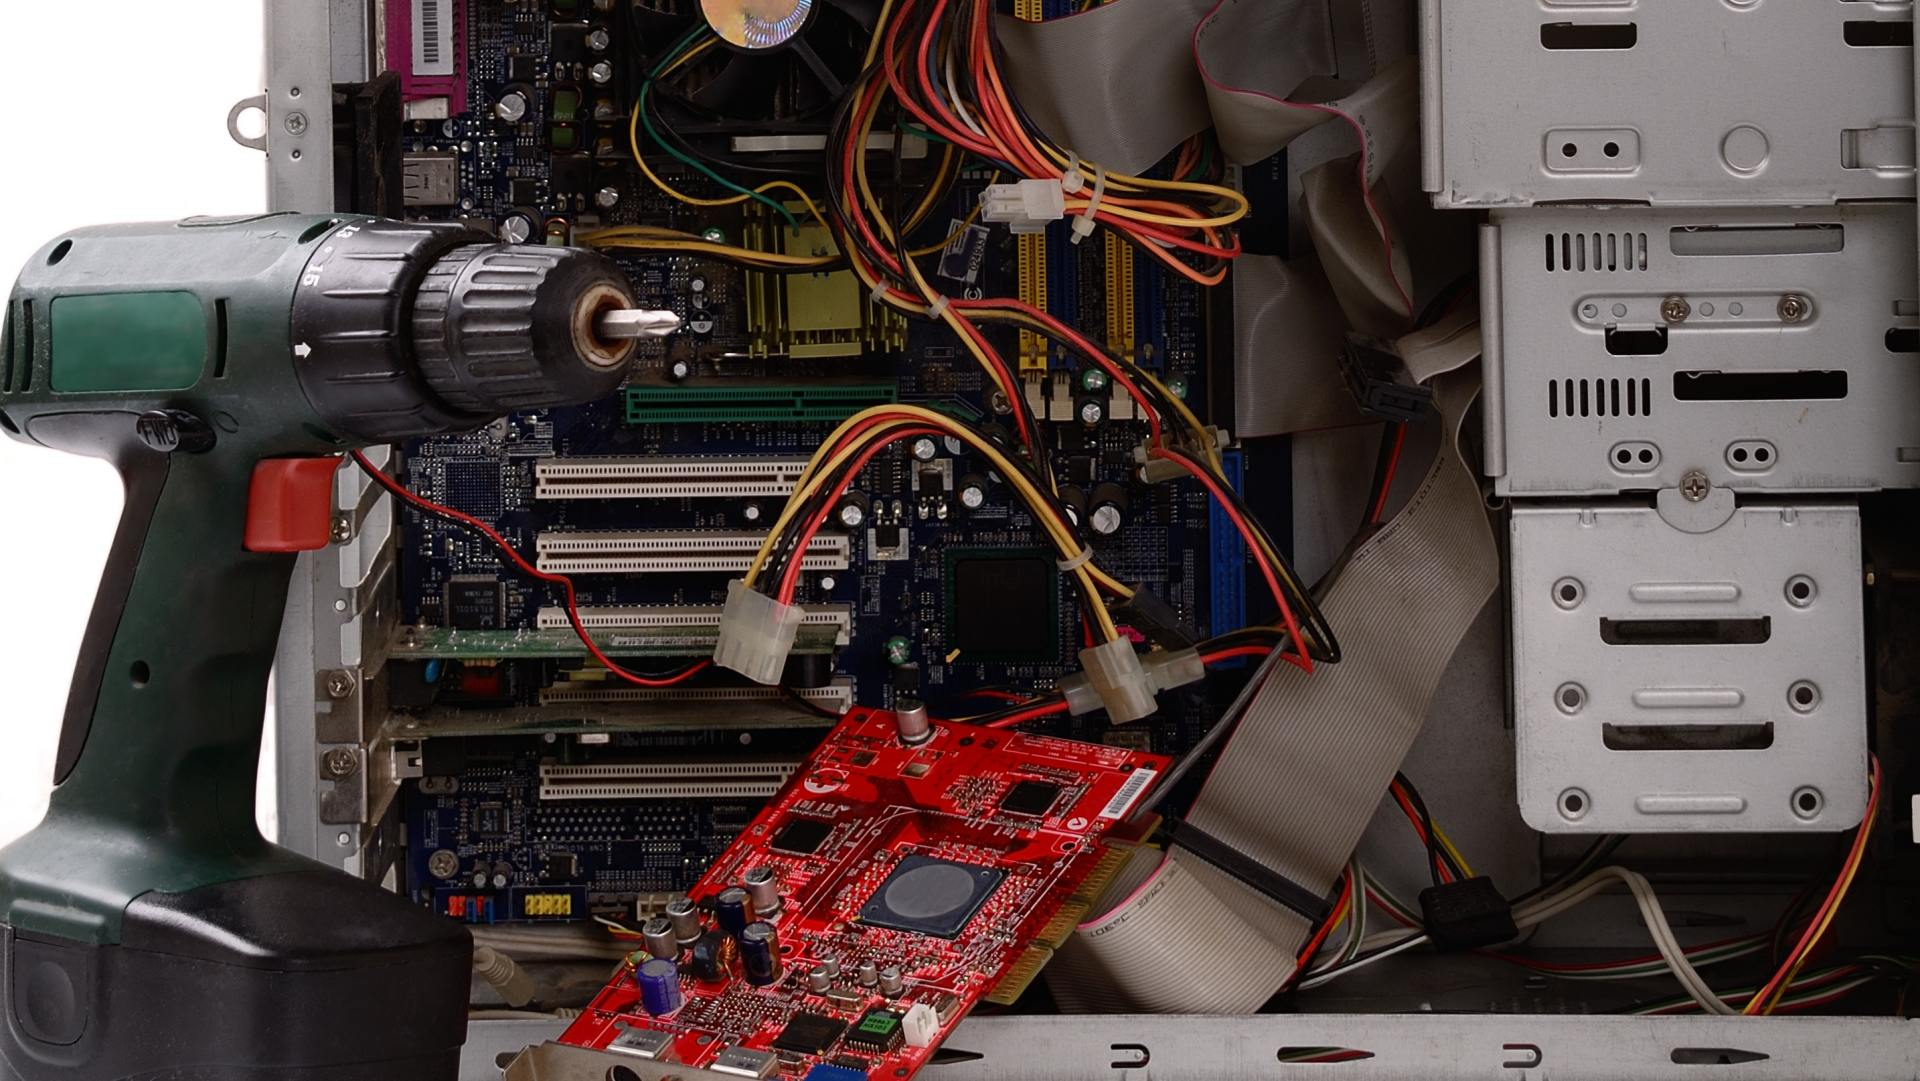 Opieka nad sprzętem komputerowym dla firm Warszawa Raszyn